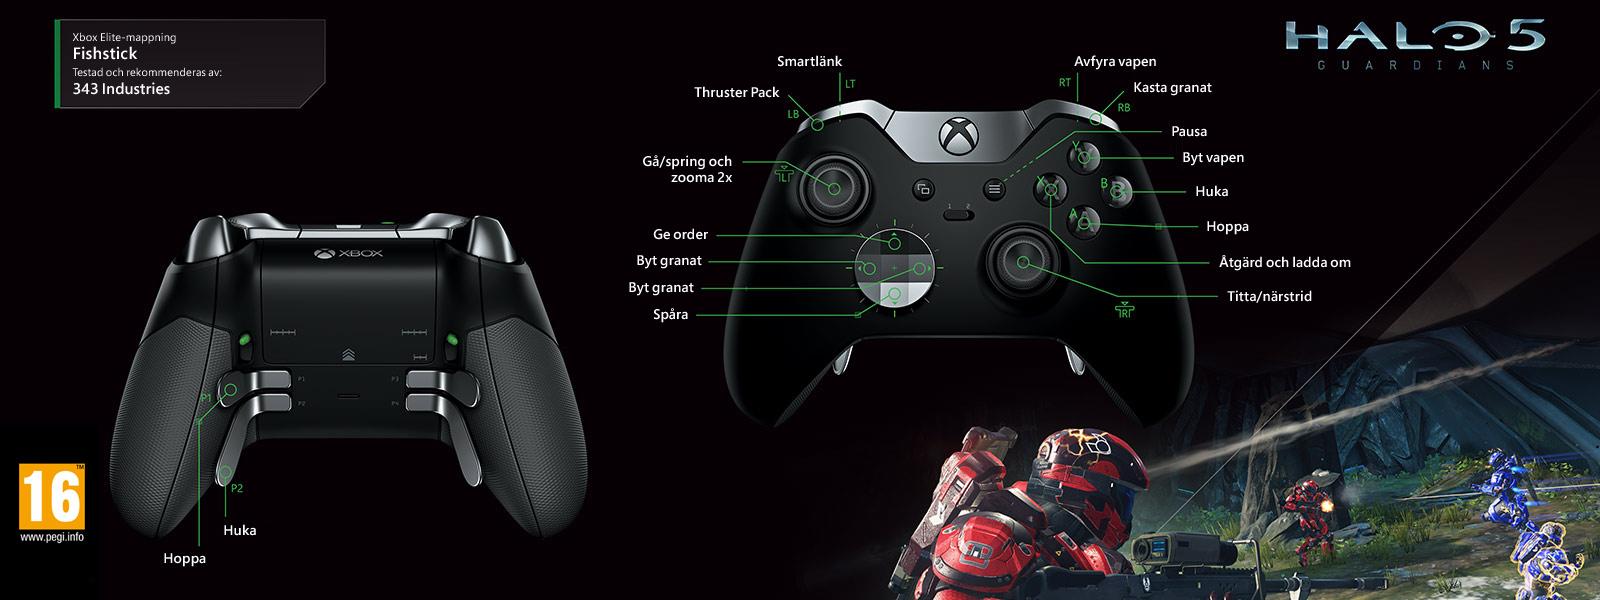 Halo 5 – Elite-mappning för Fishstick